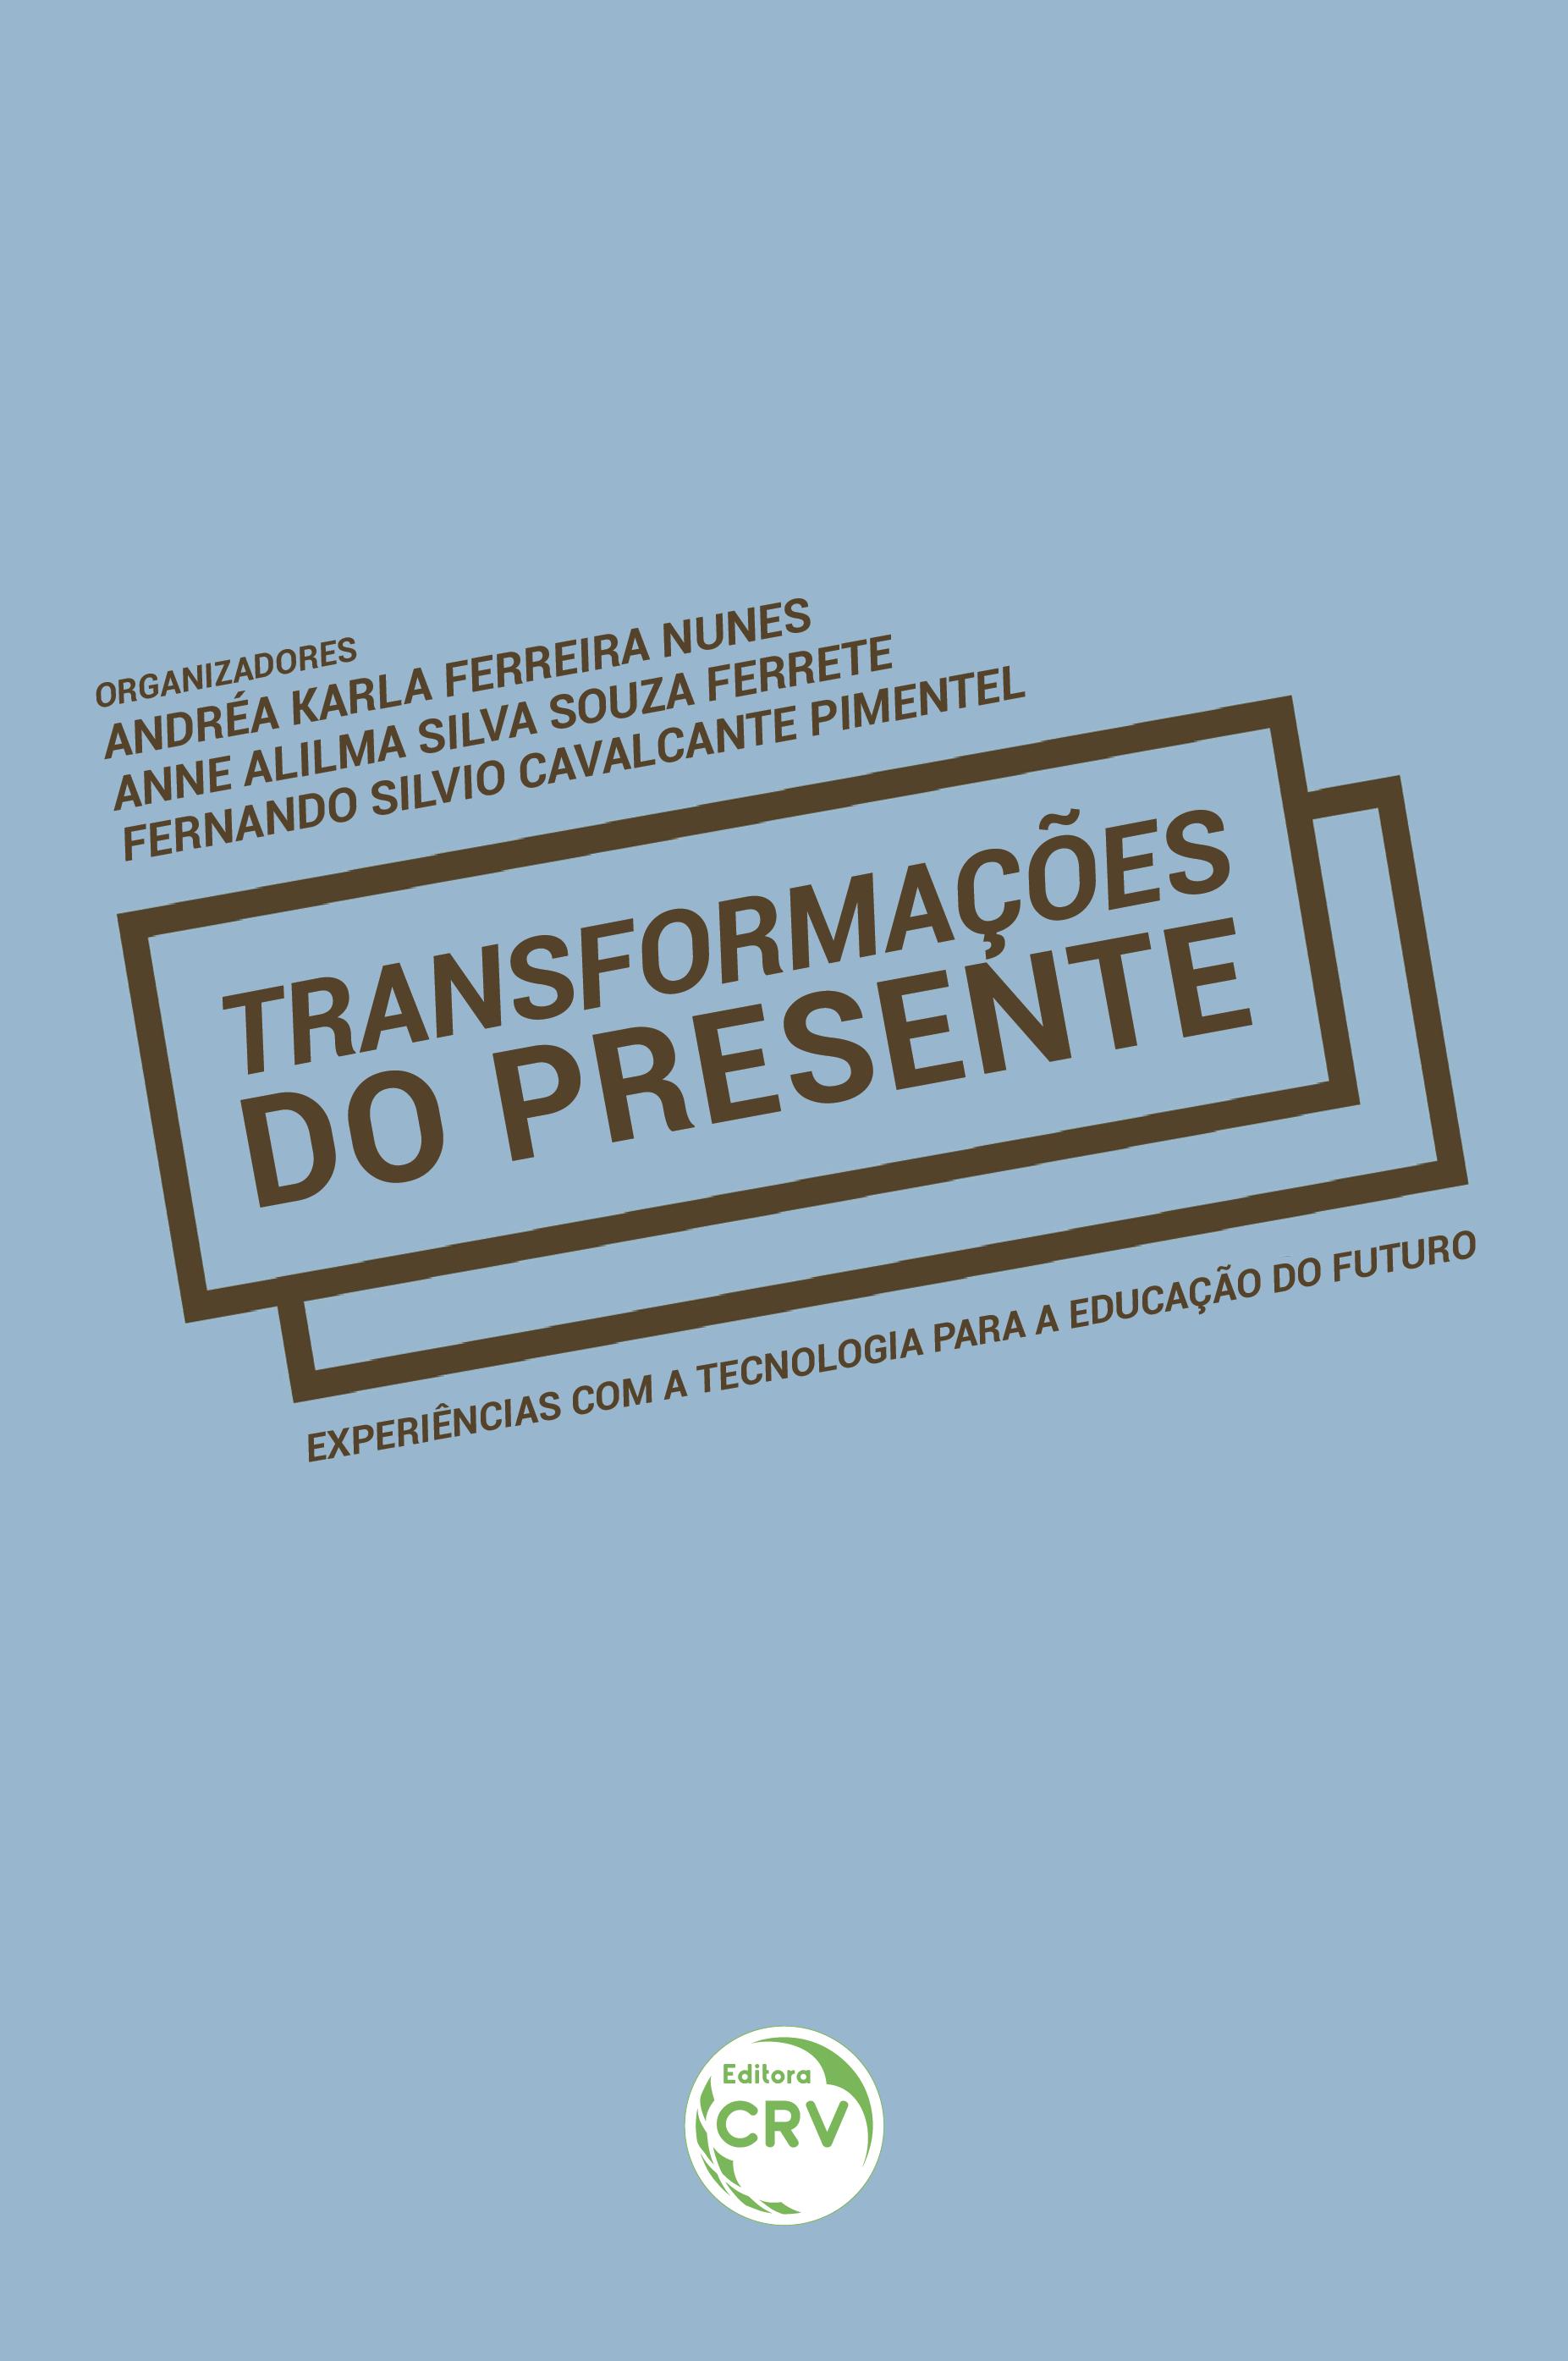 Capa do livro: TRANSFORMAÇÕES DO PRESENTE: <br>experiências com a tecnologia para a educação do futuro